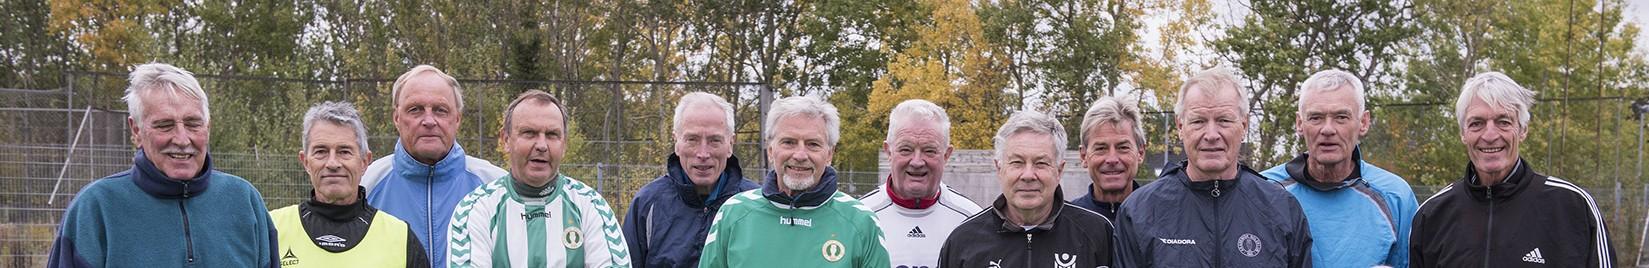 Tjøns AB Fodbold 01 42-16